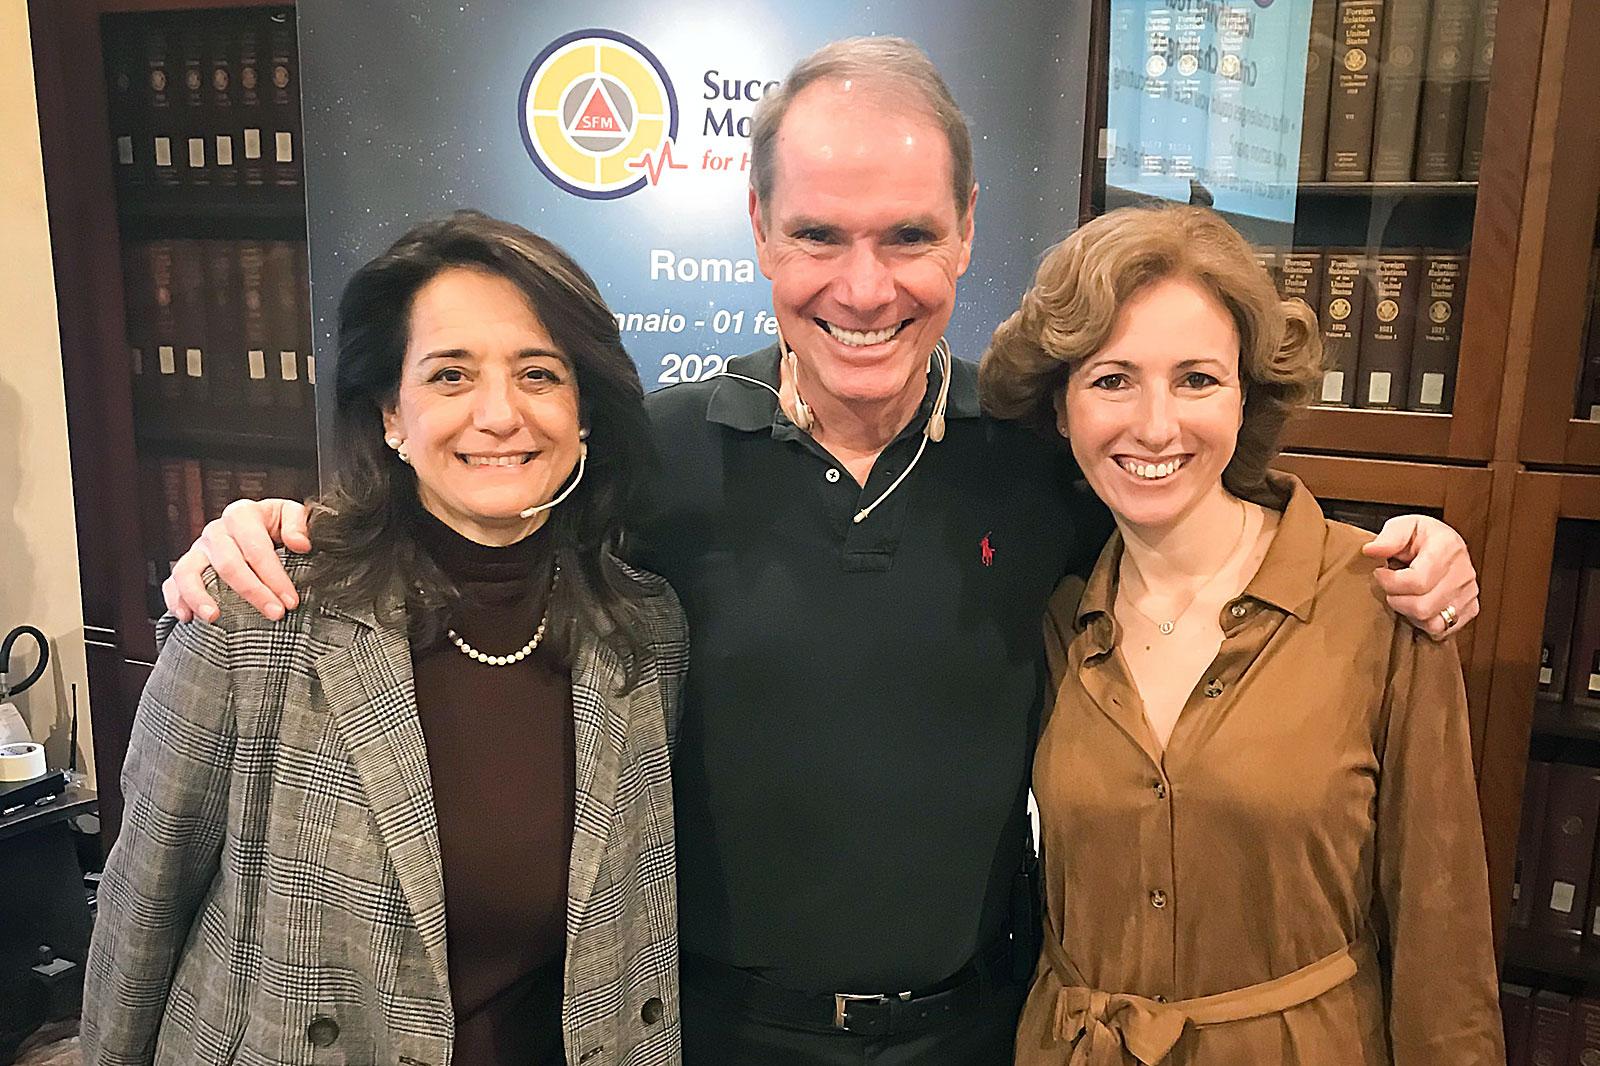 Rita Aleluia, Robert Dilts e Emanuela Mazza num encontro sobre Success Factor Modeling em Roma.